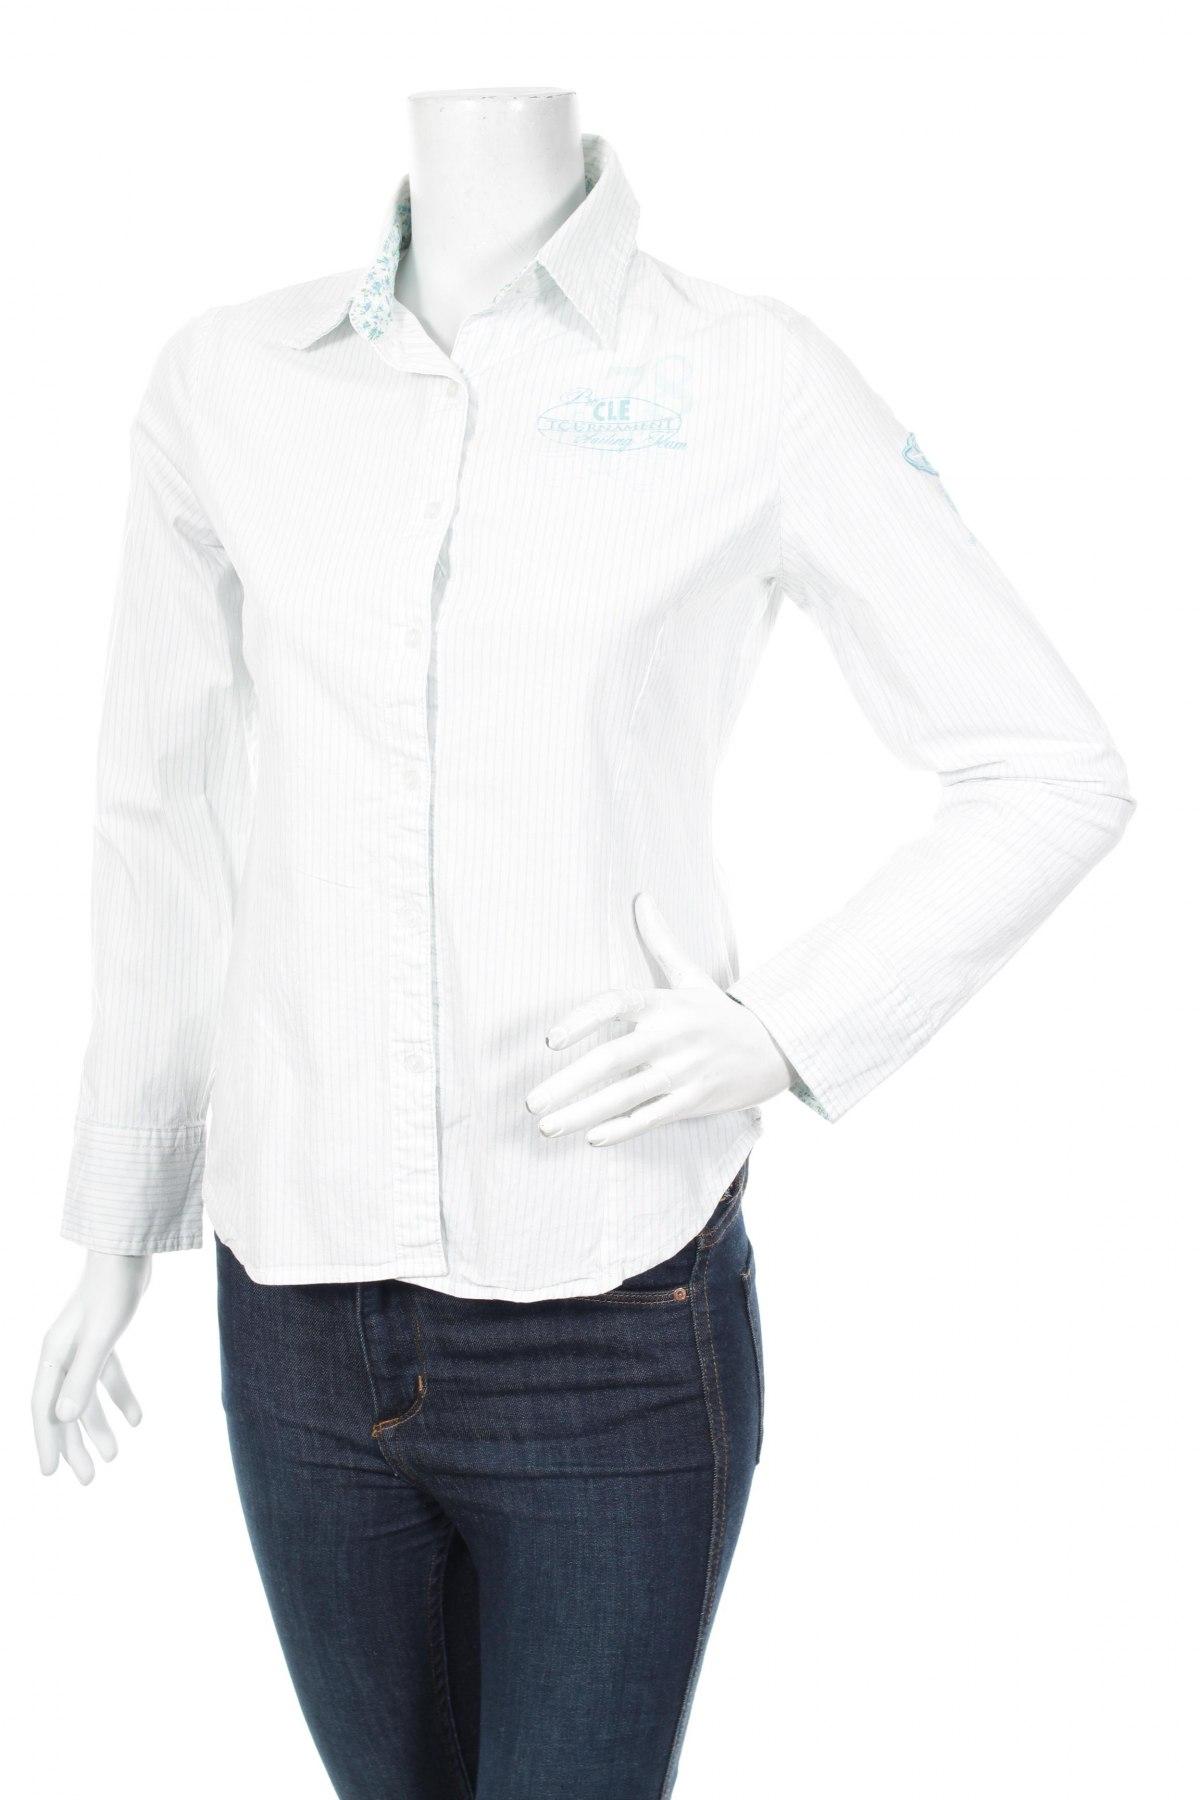 Γυναικείο πουκάμισο Clessentials